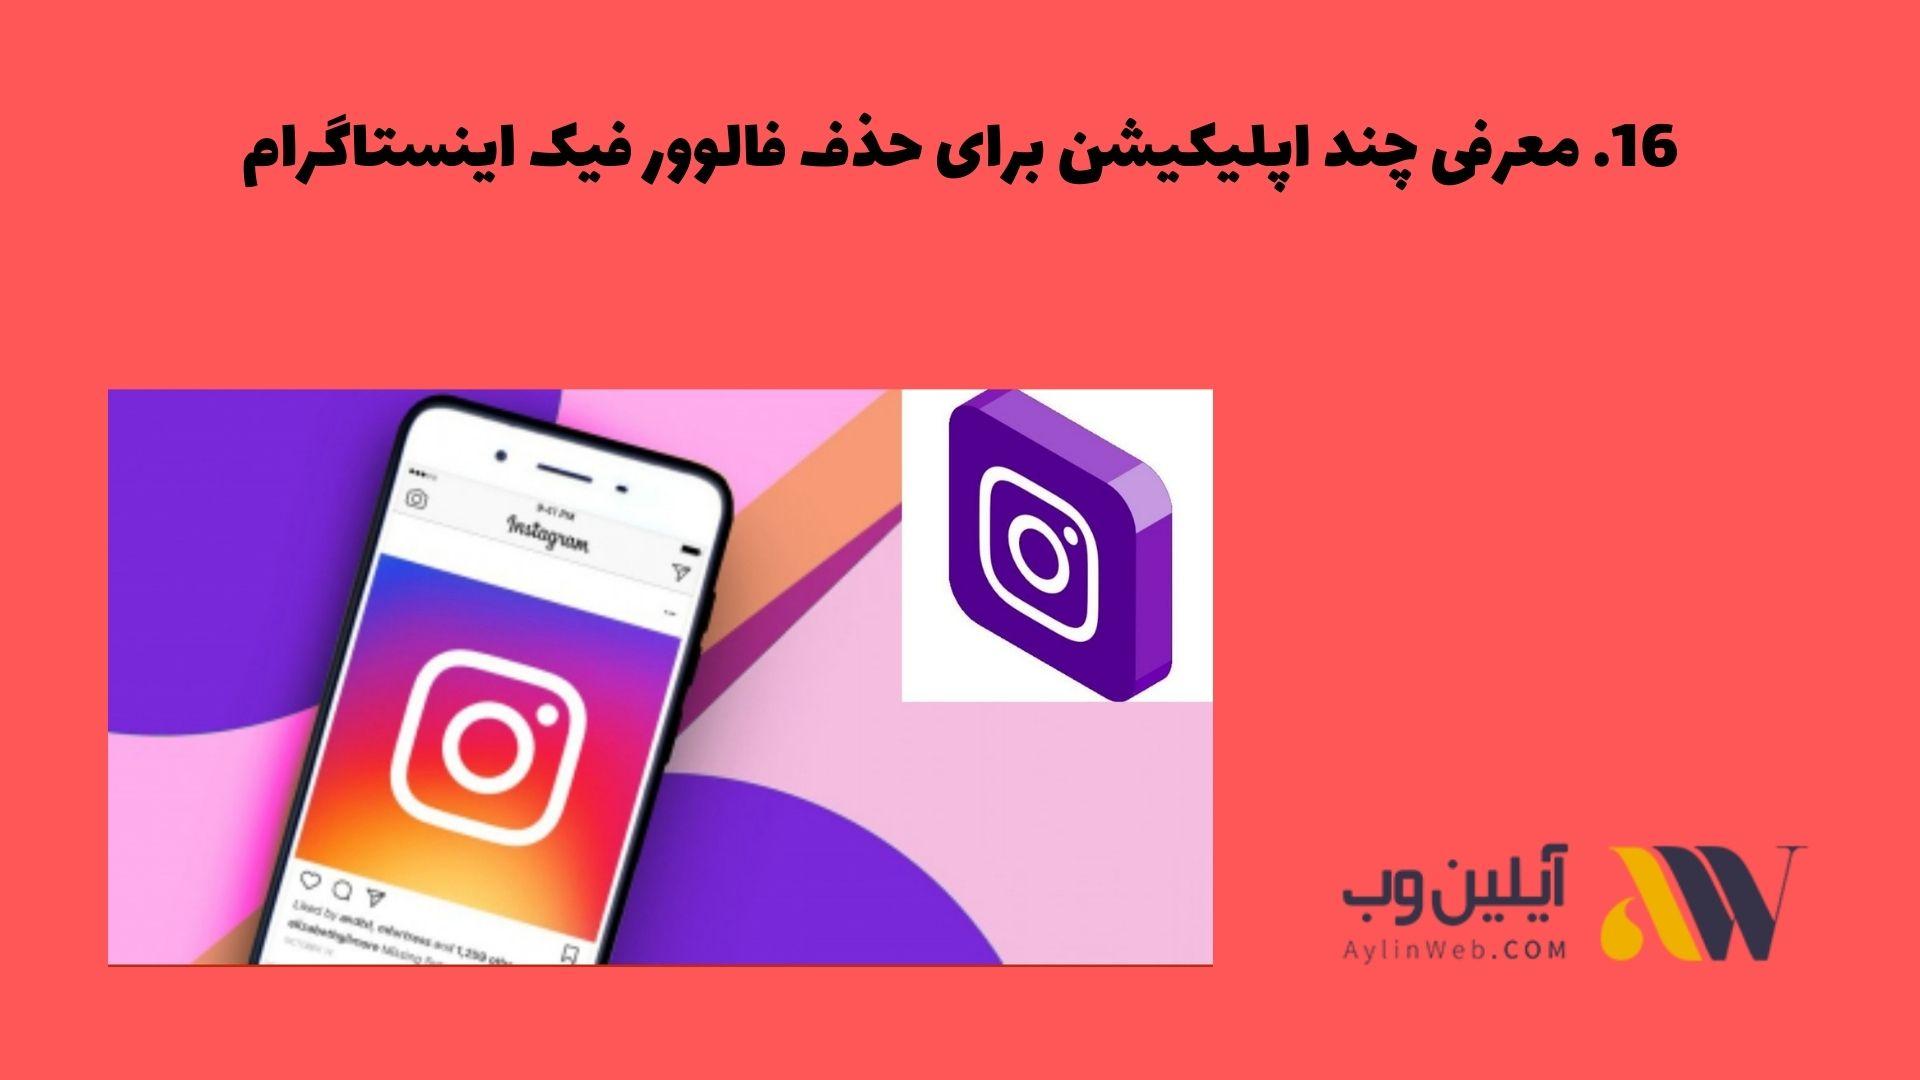 معرفی چند اپلیکیشن برای حذف فالوور فیک اینستاگرام